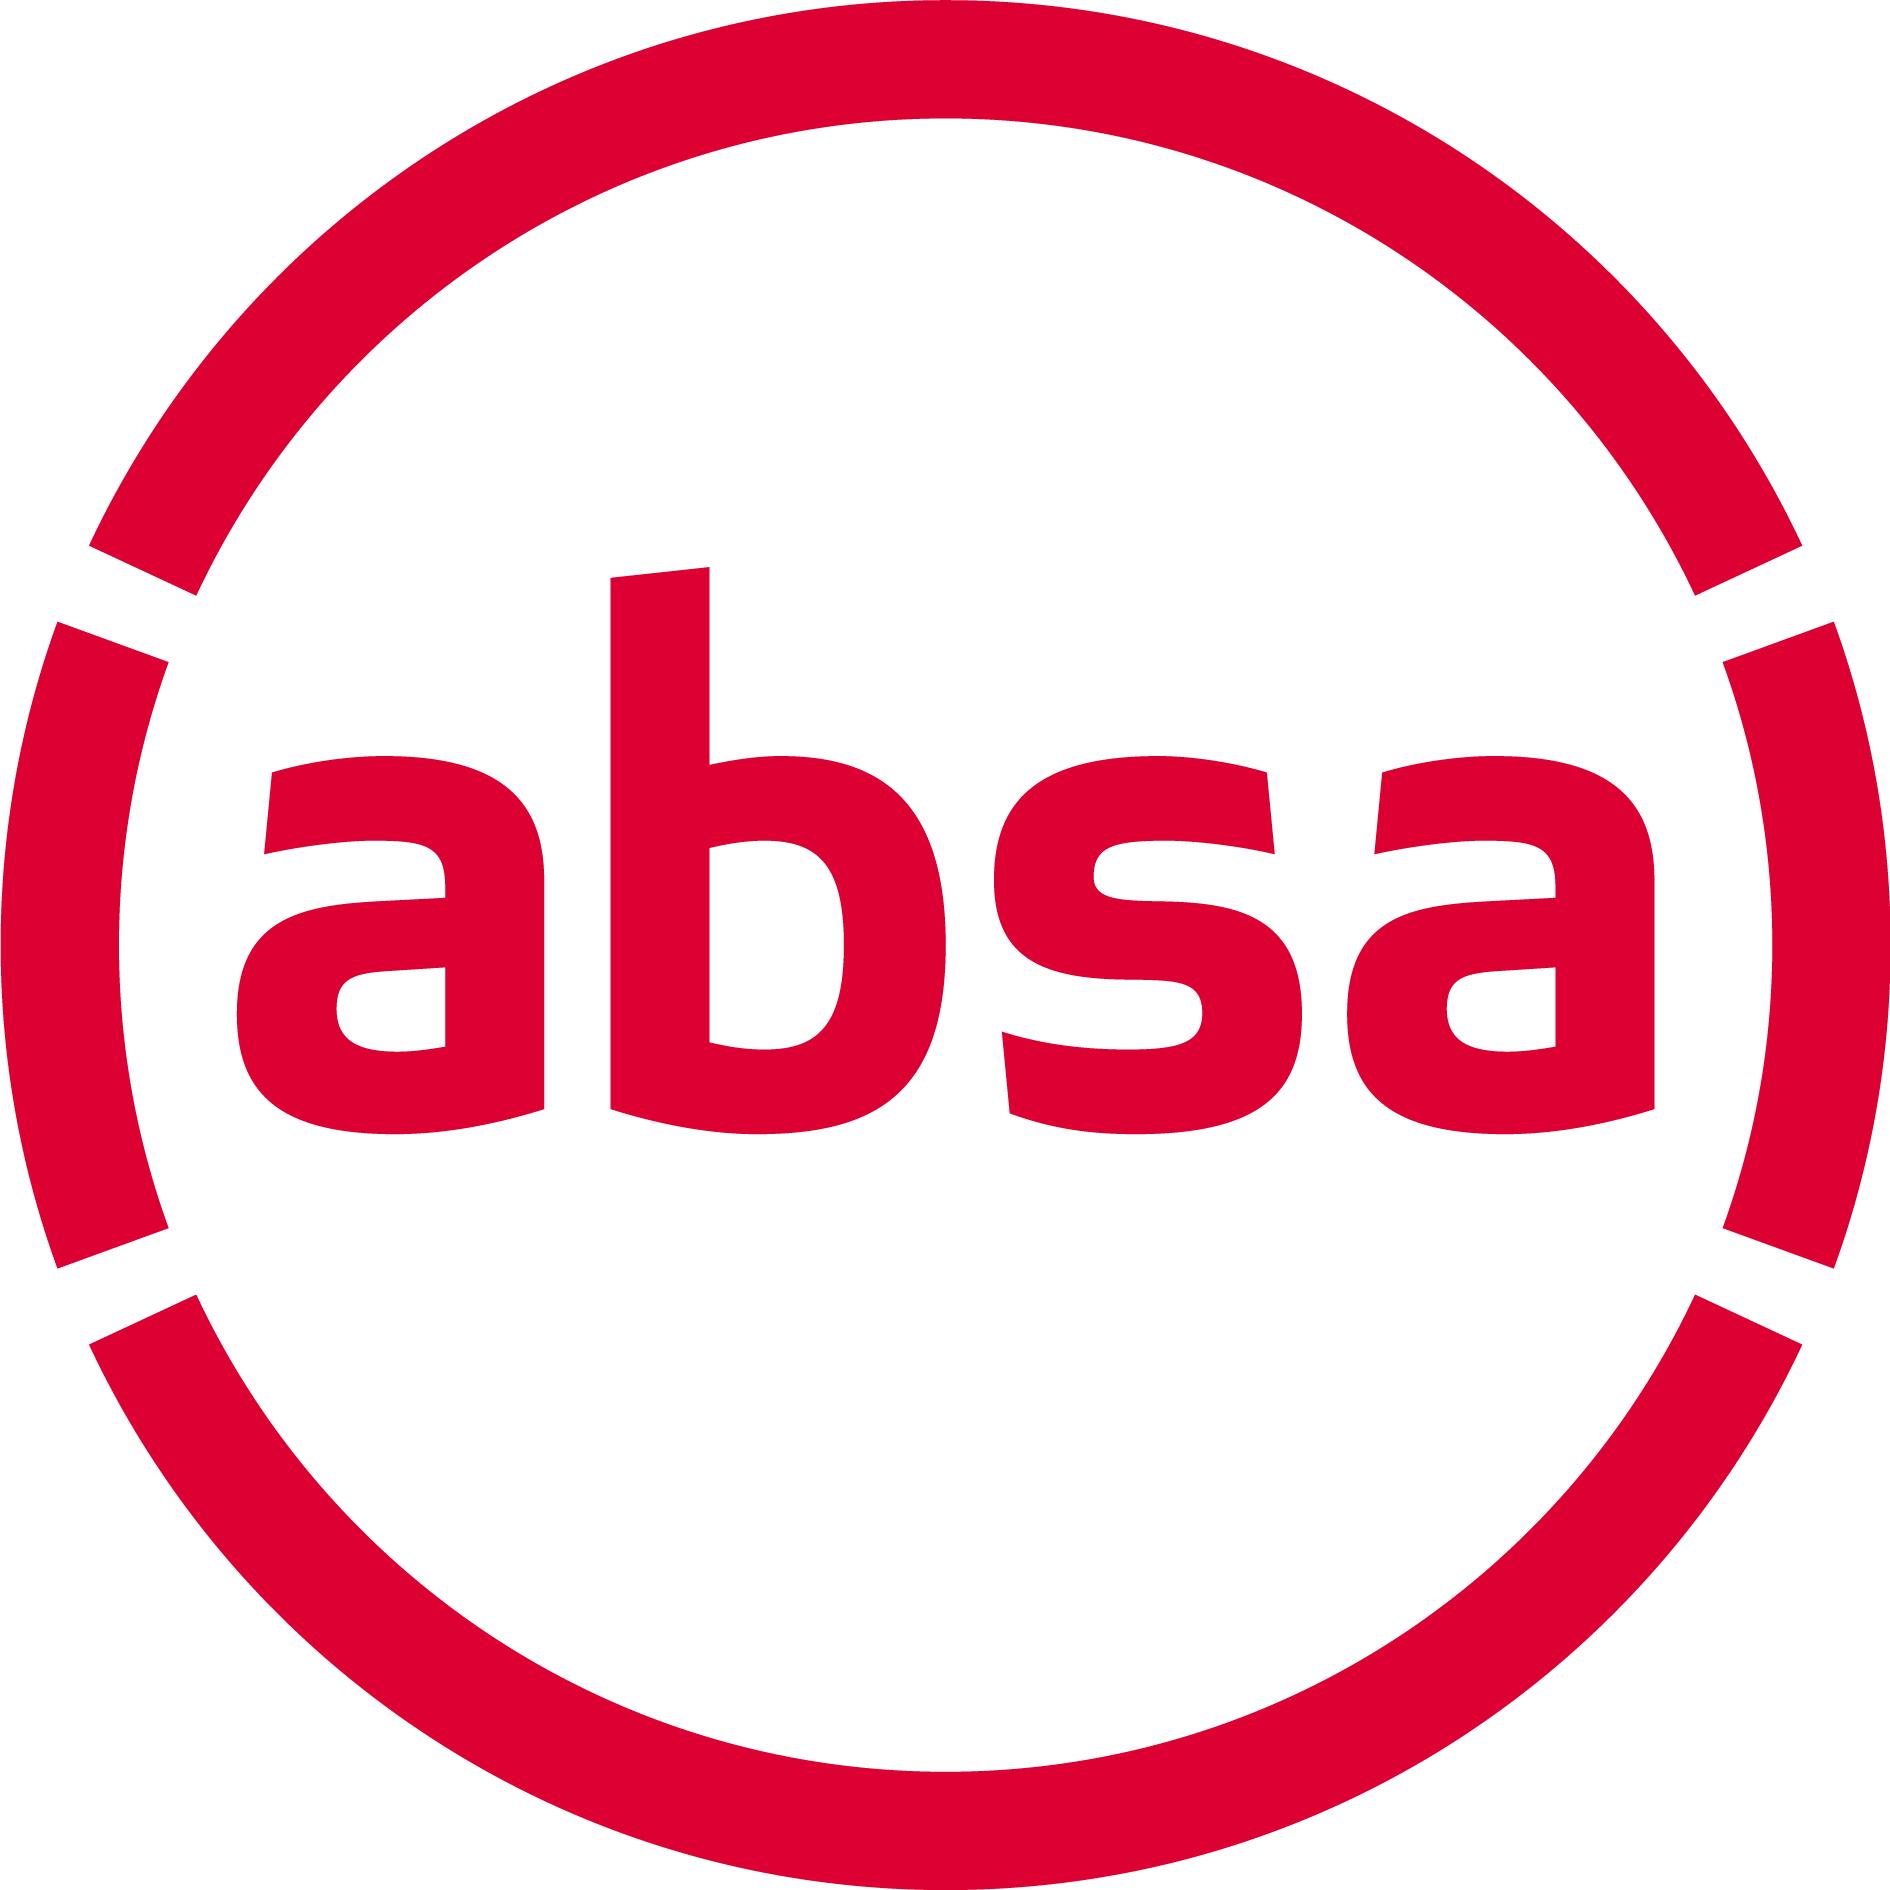 Zaheera Ahmed - absa logo